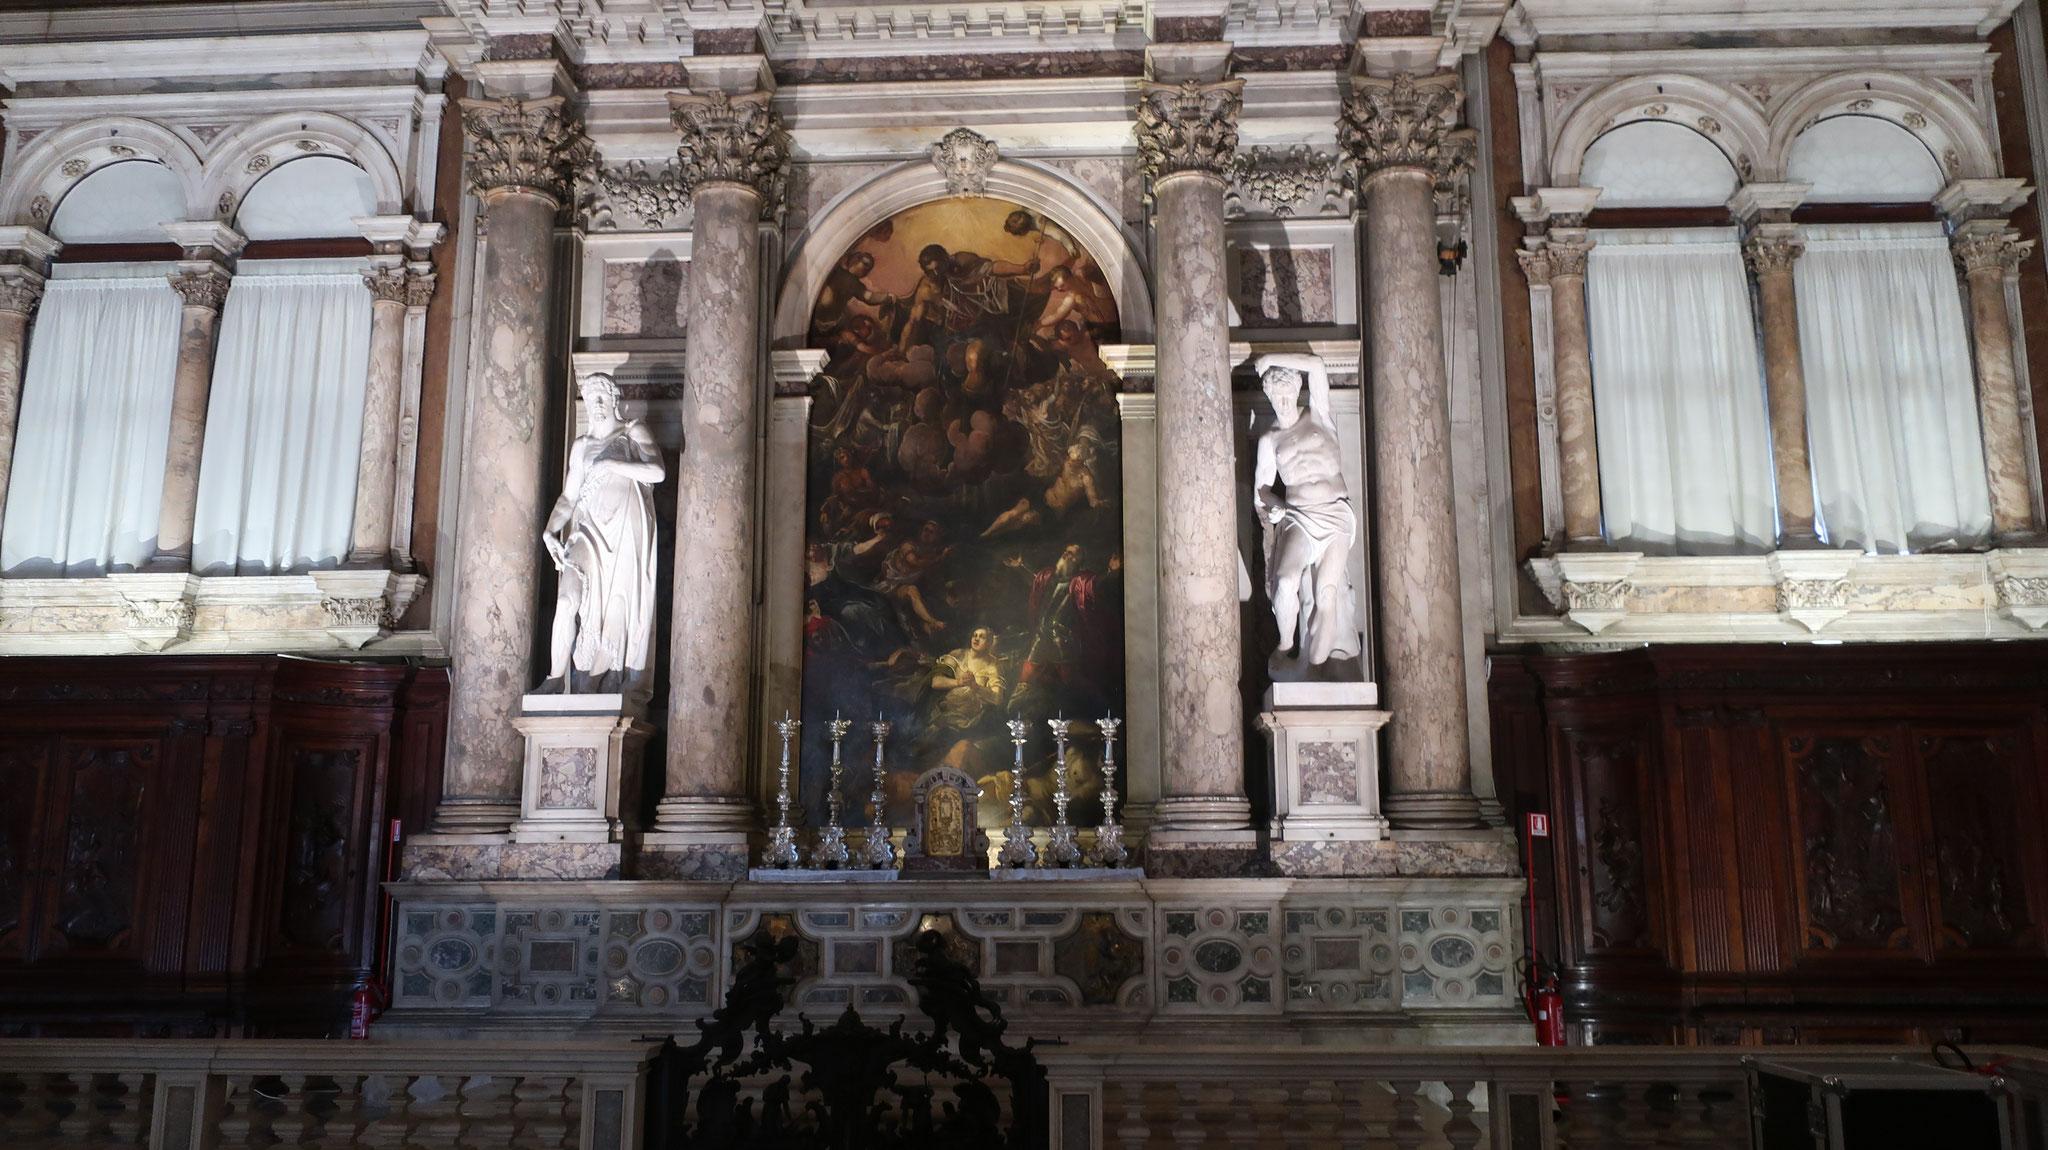 内部は16世紀、ルネッサンス様式の集会堂です。